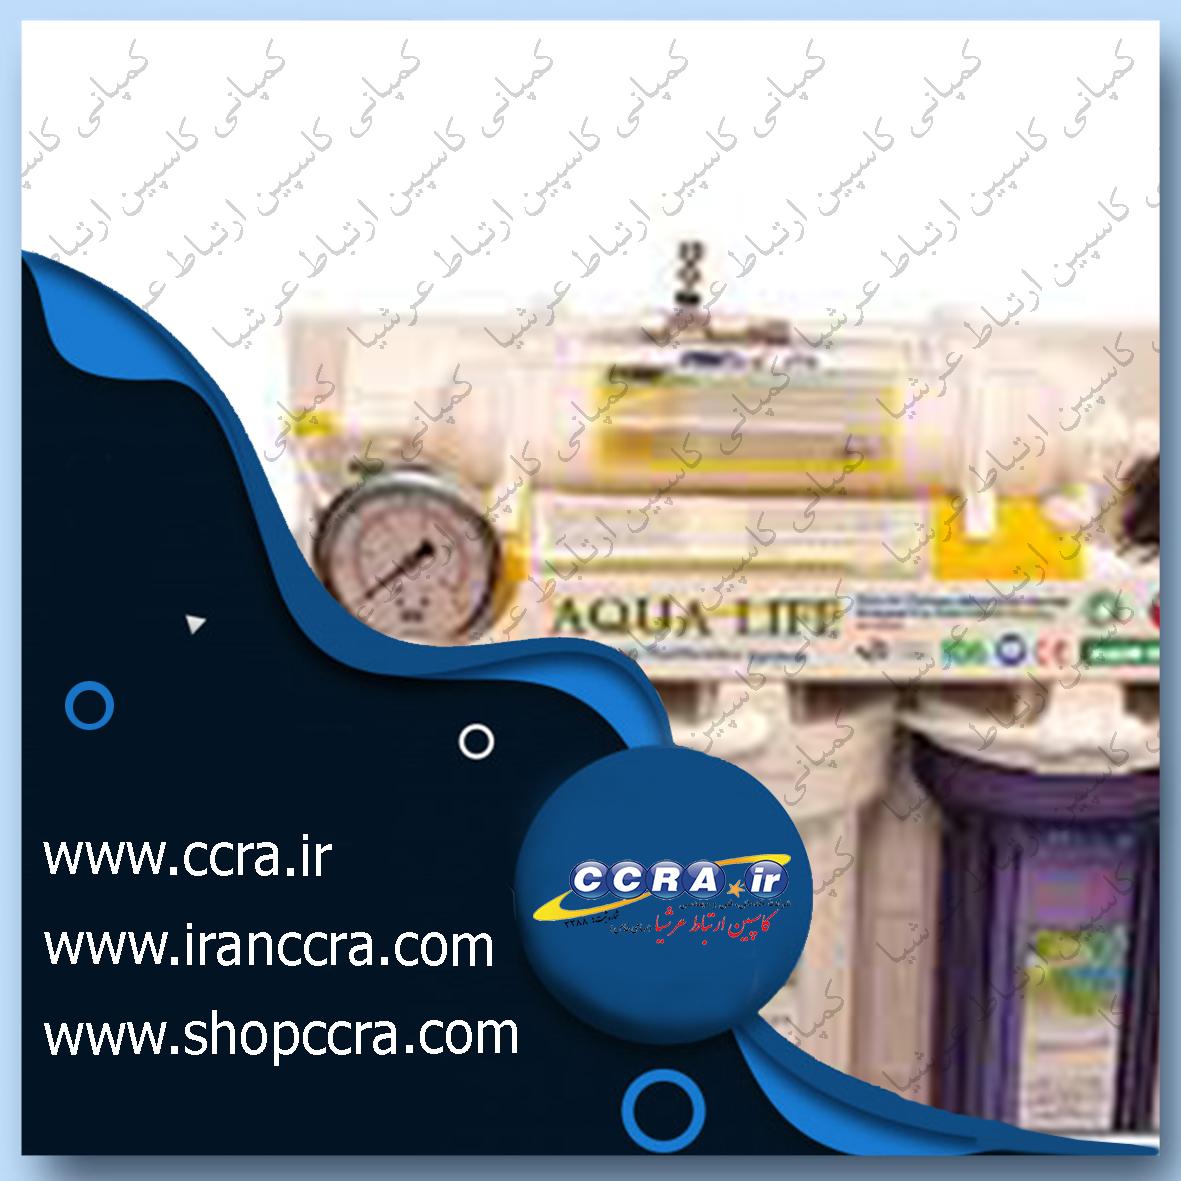 پلاگ چه کاربردی در دستگاه های تصفیه آب خانگی آکوا لایف دارد؟